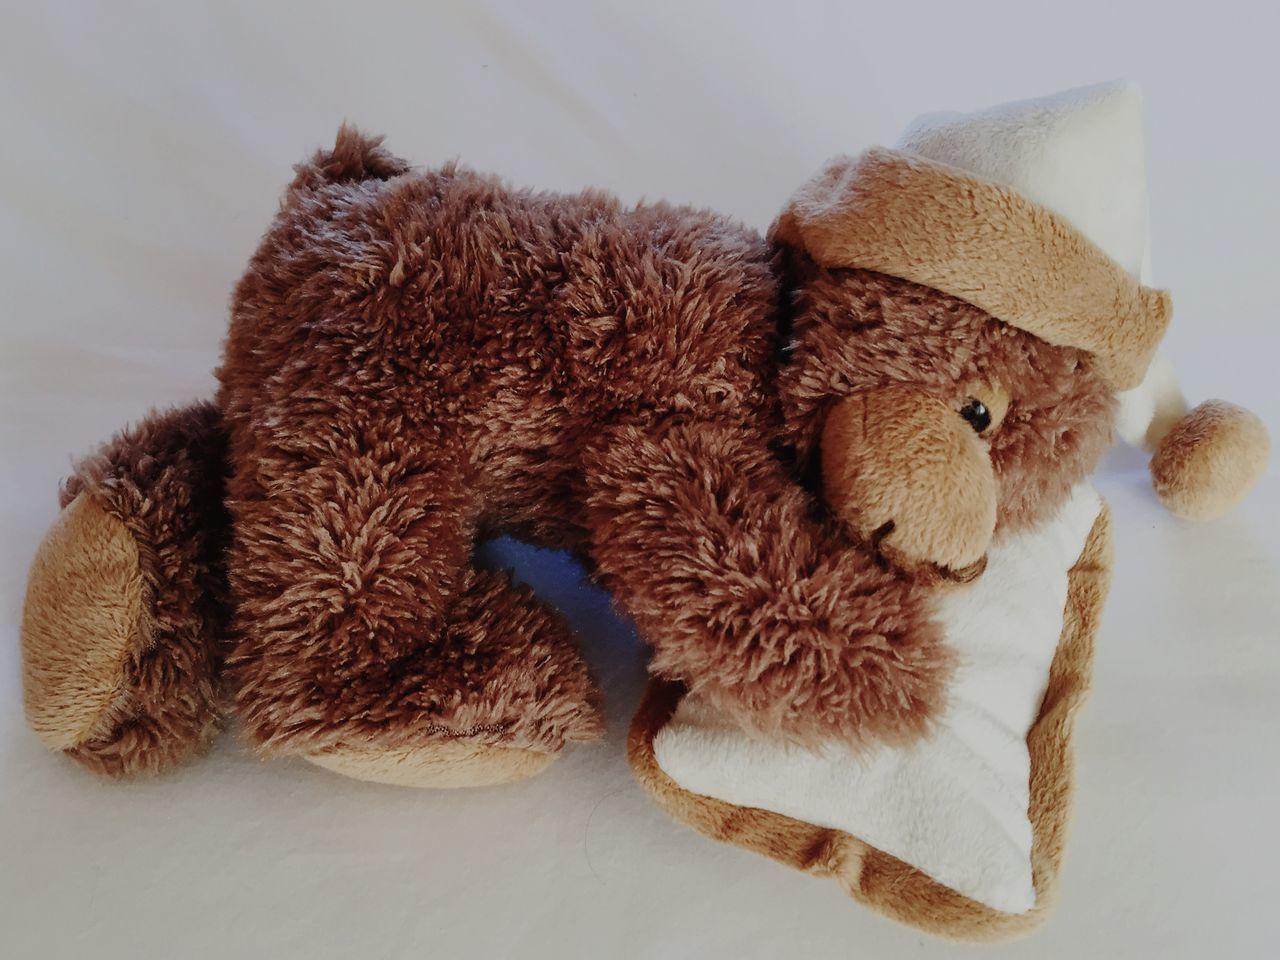 Ours en peluche qui Dort ! Chut , ne faites pas de bruit 💤. Teddy Bear sleeping. Shhh, do not make noise 💤 Teddybear Teddy Bear Ours En Peluche Nounours Oreiller Pillow Peluche Stuffed Animals Stuffed Toy Dormir Sleeping Coussin